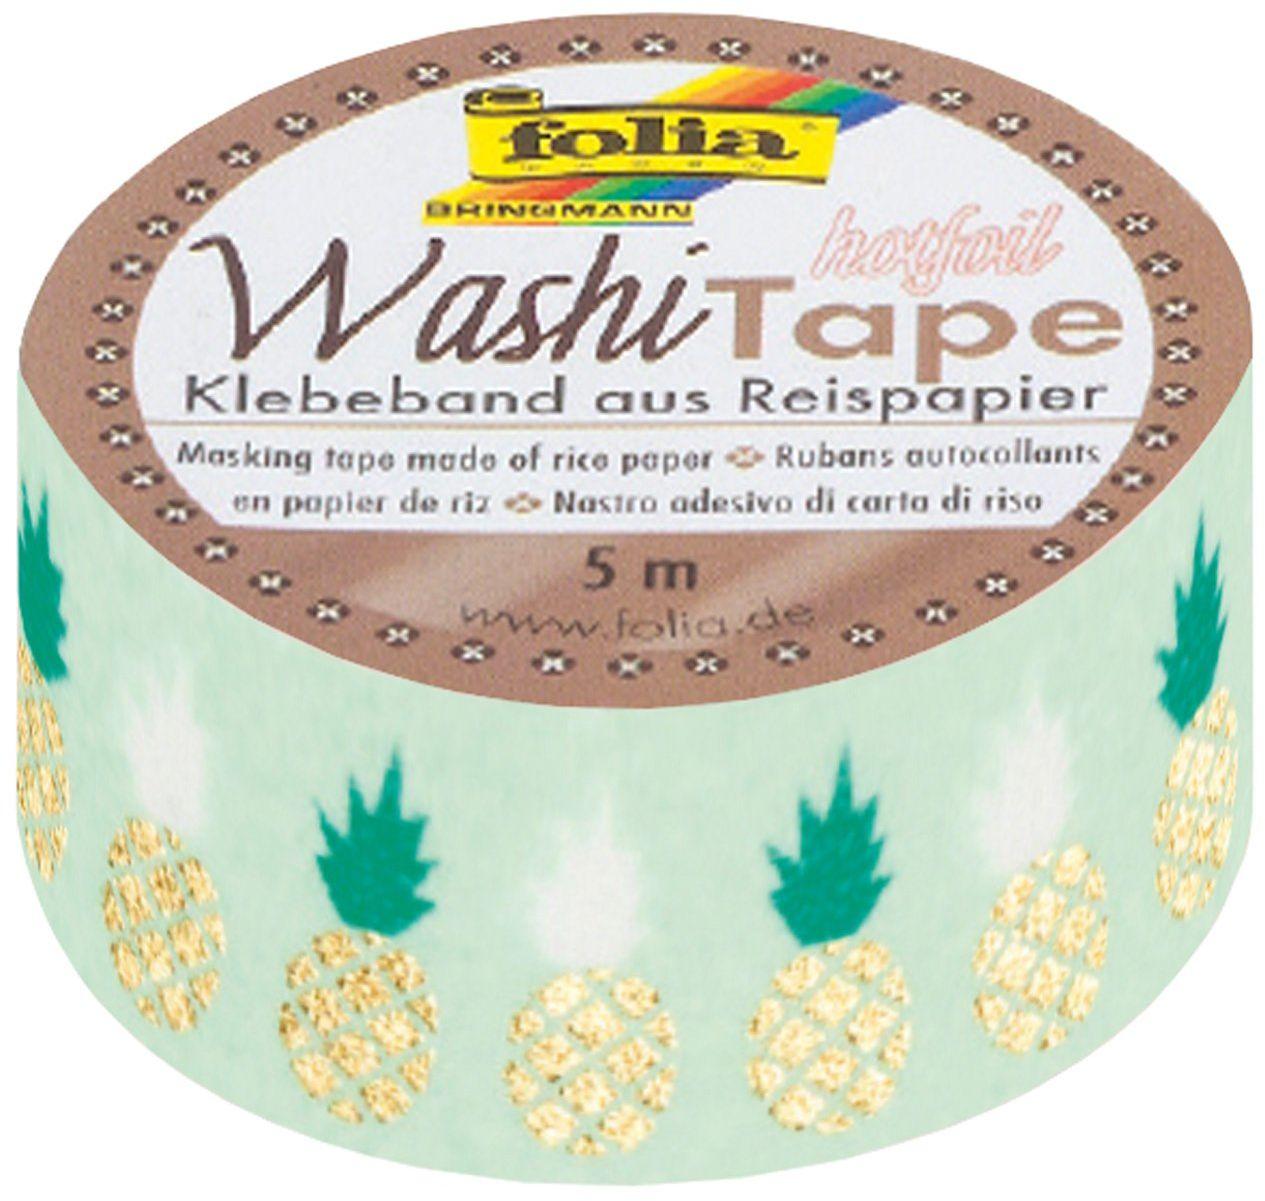 folia 26110 - taśma washi, taśma klejąca z papieru ryżowego, Hotfoil gold Ananas, 1 rolka ok. 5 m x 15 mm - idealna do ozdabiania i dekorowania